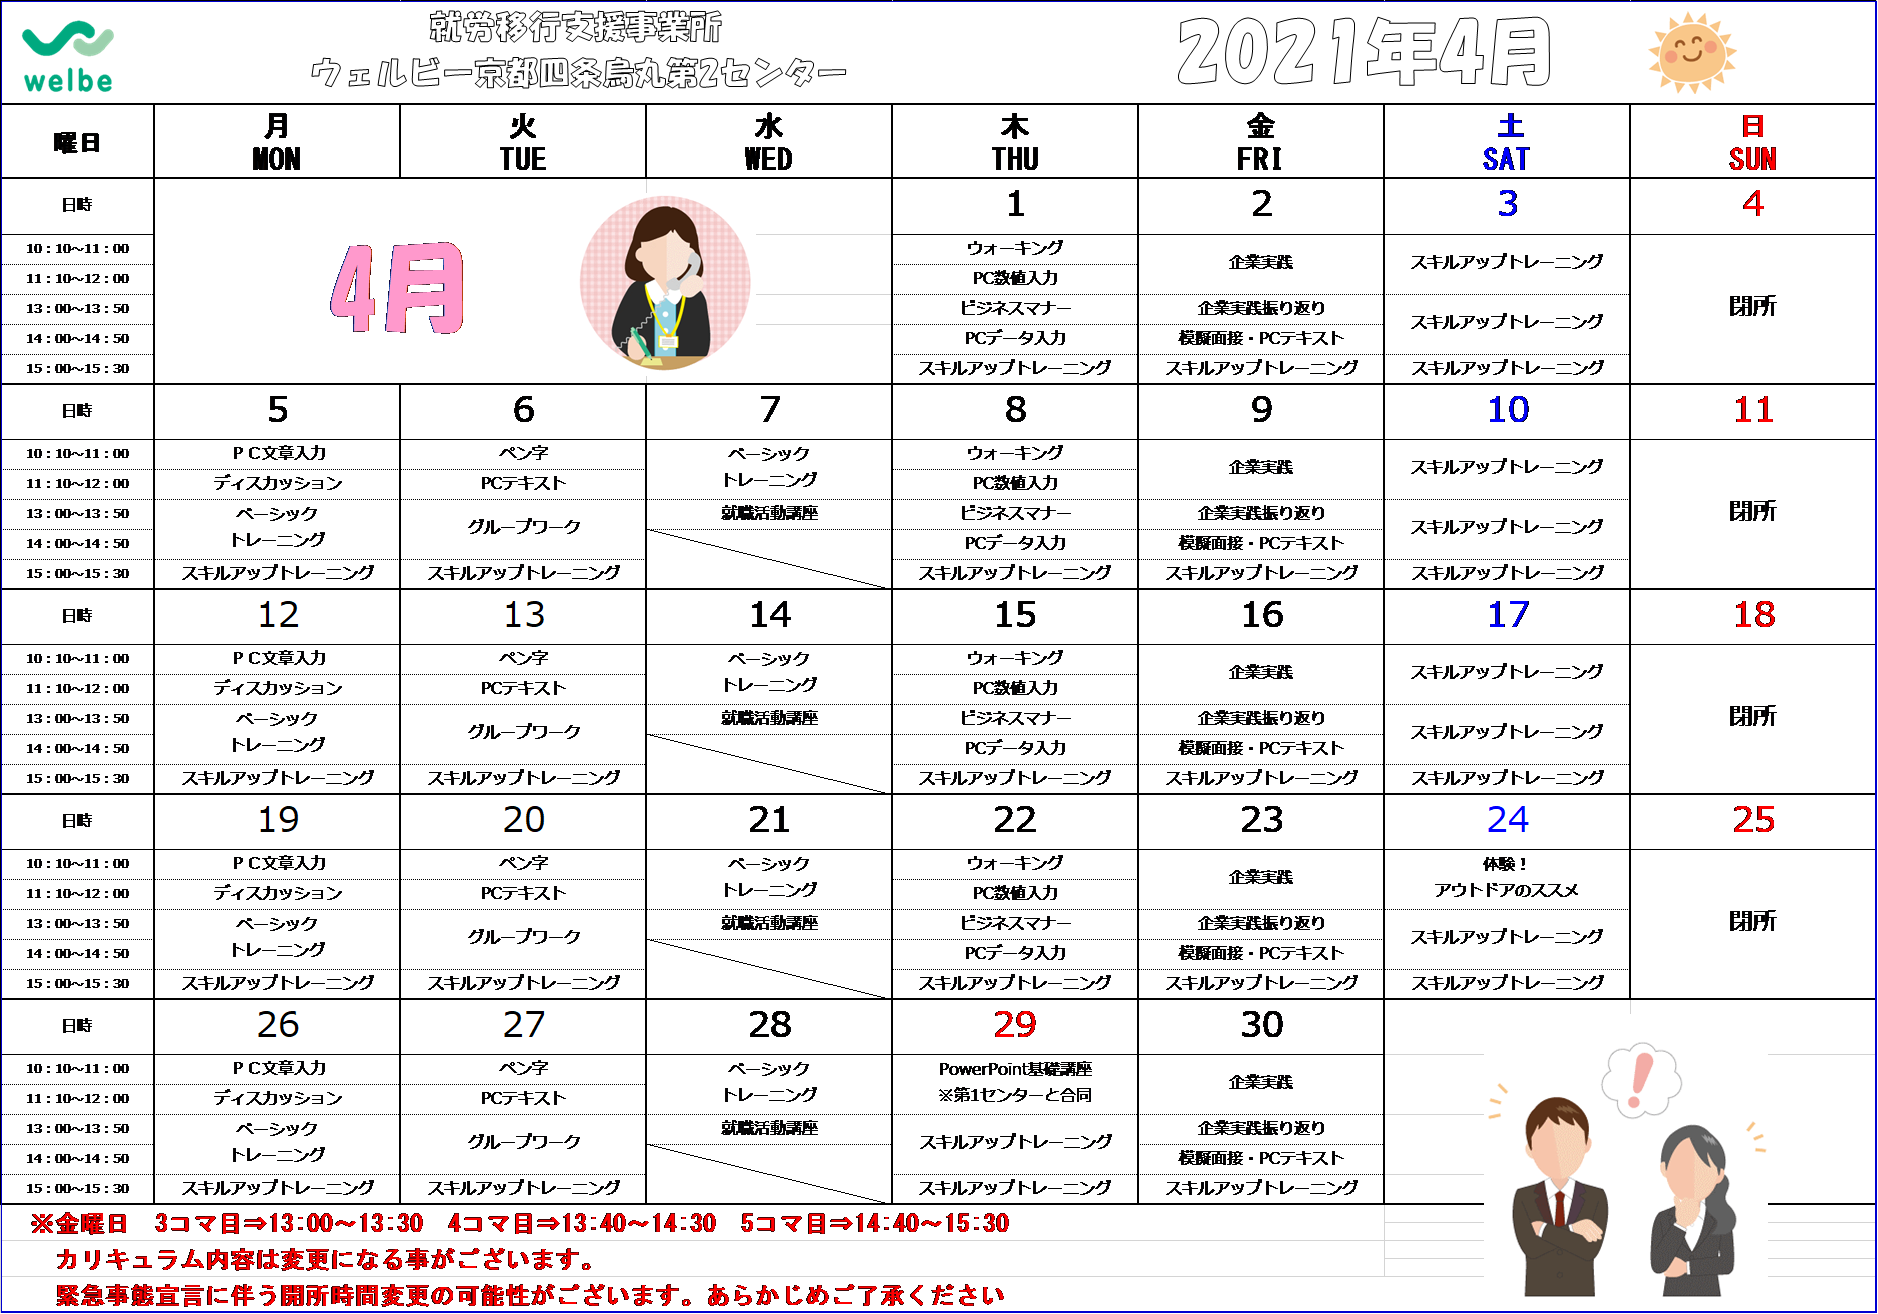 京都四条烏丸センターカリキュラム表